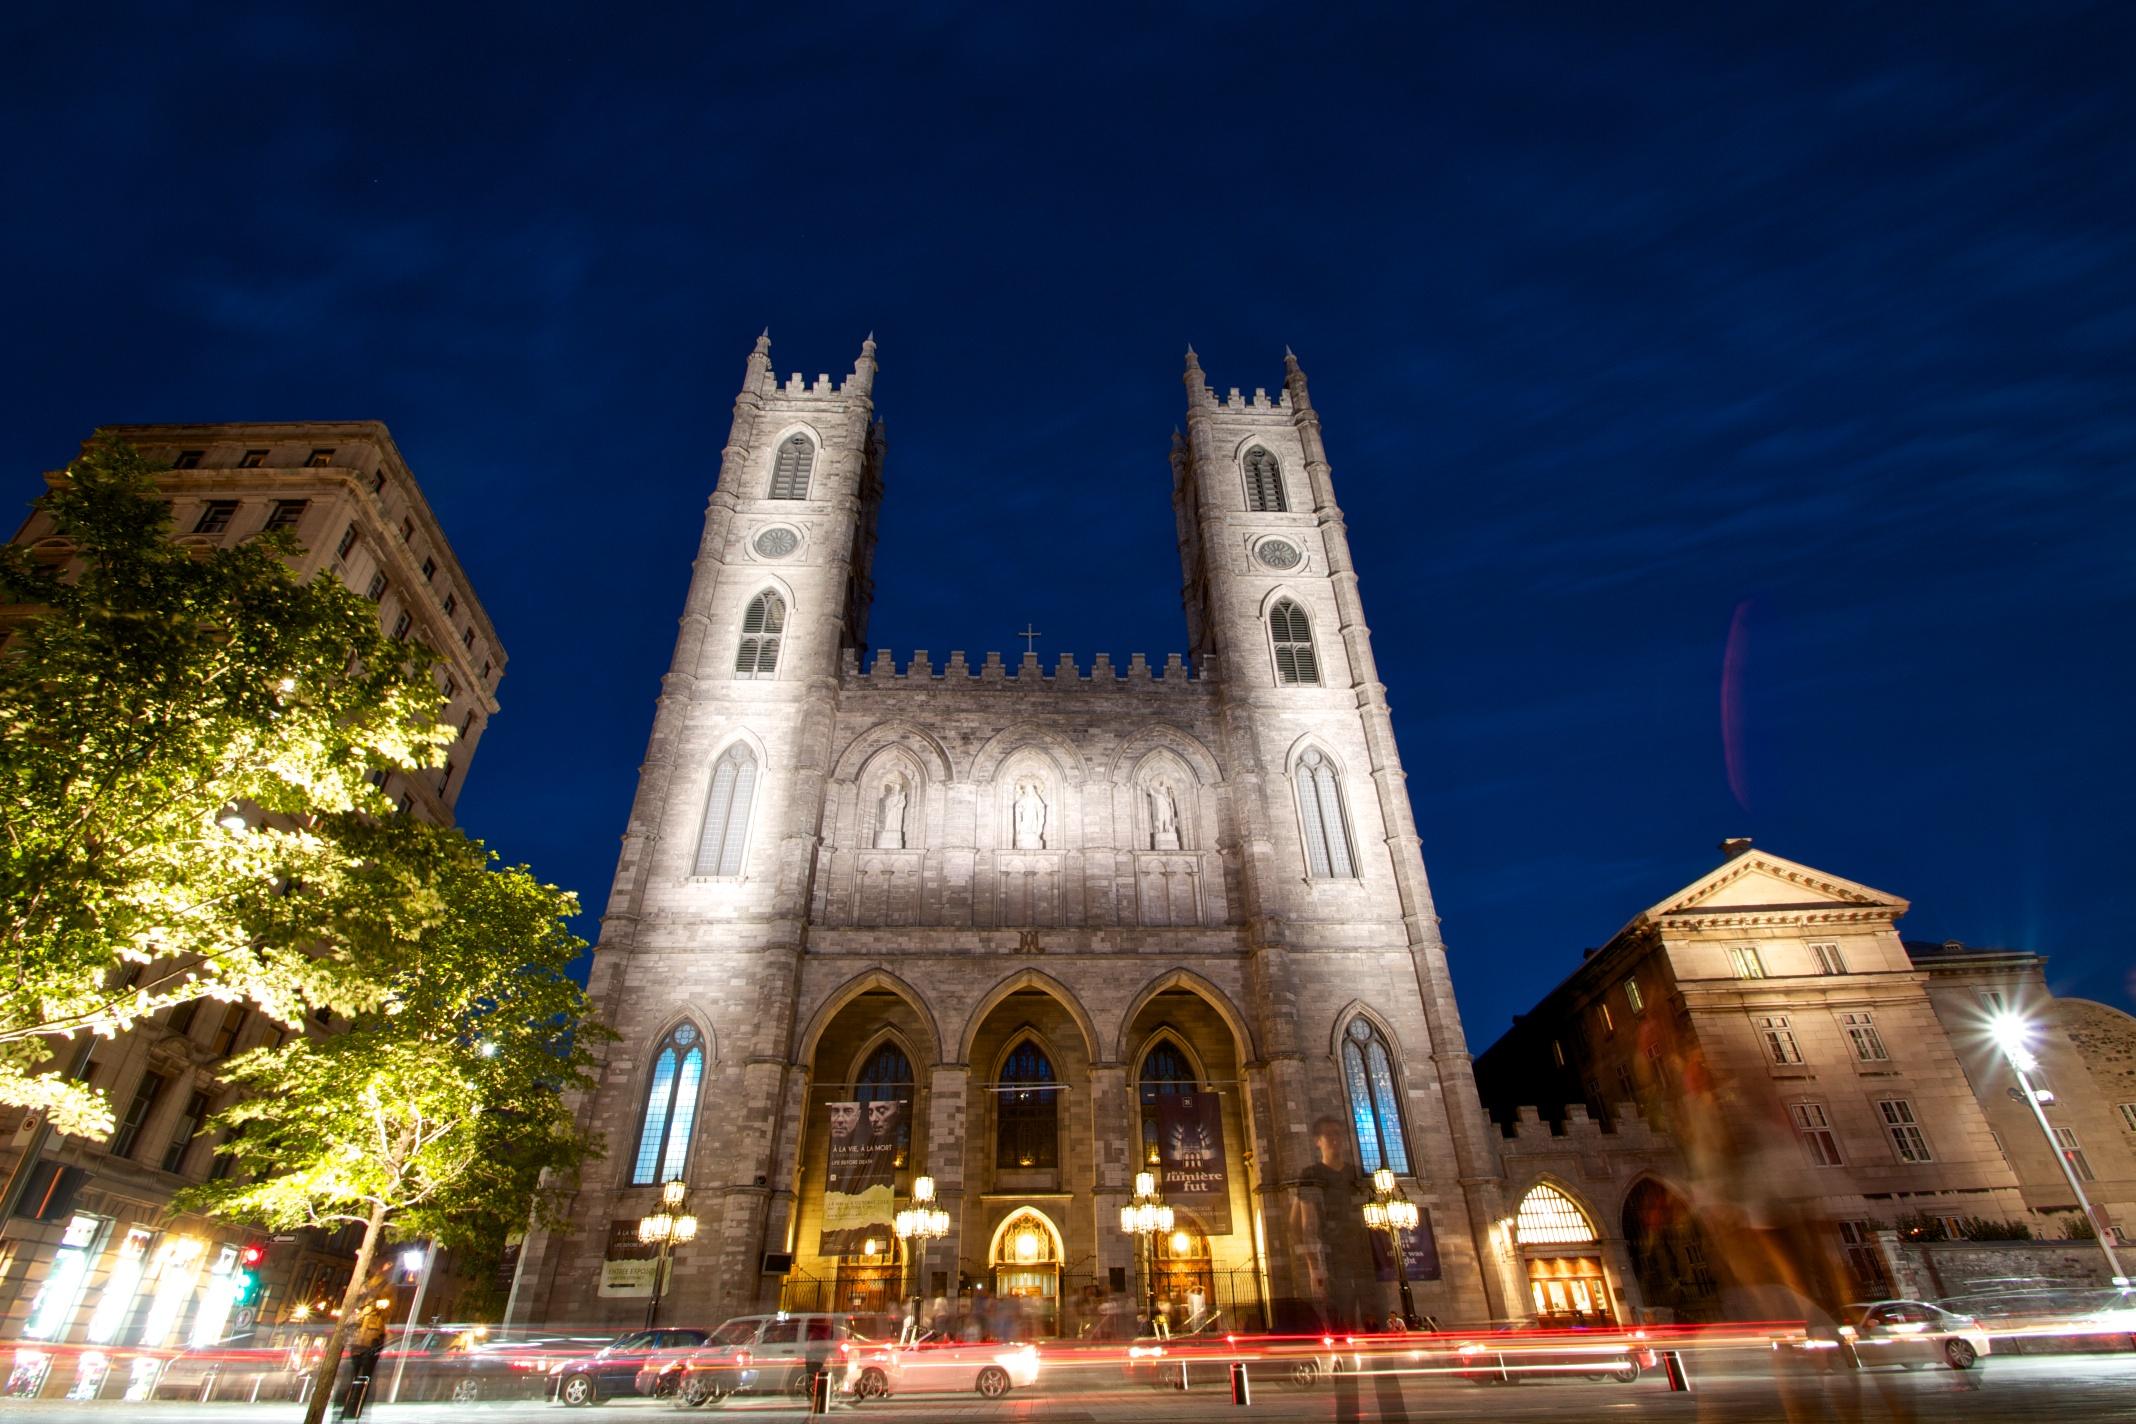 Notre-Dame Basilica, place d'armes, Montreal, Canada - Photo of Notre-Dame Basilica, place d'armes, Montreal